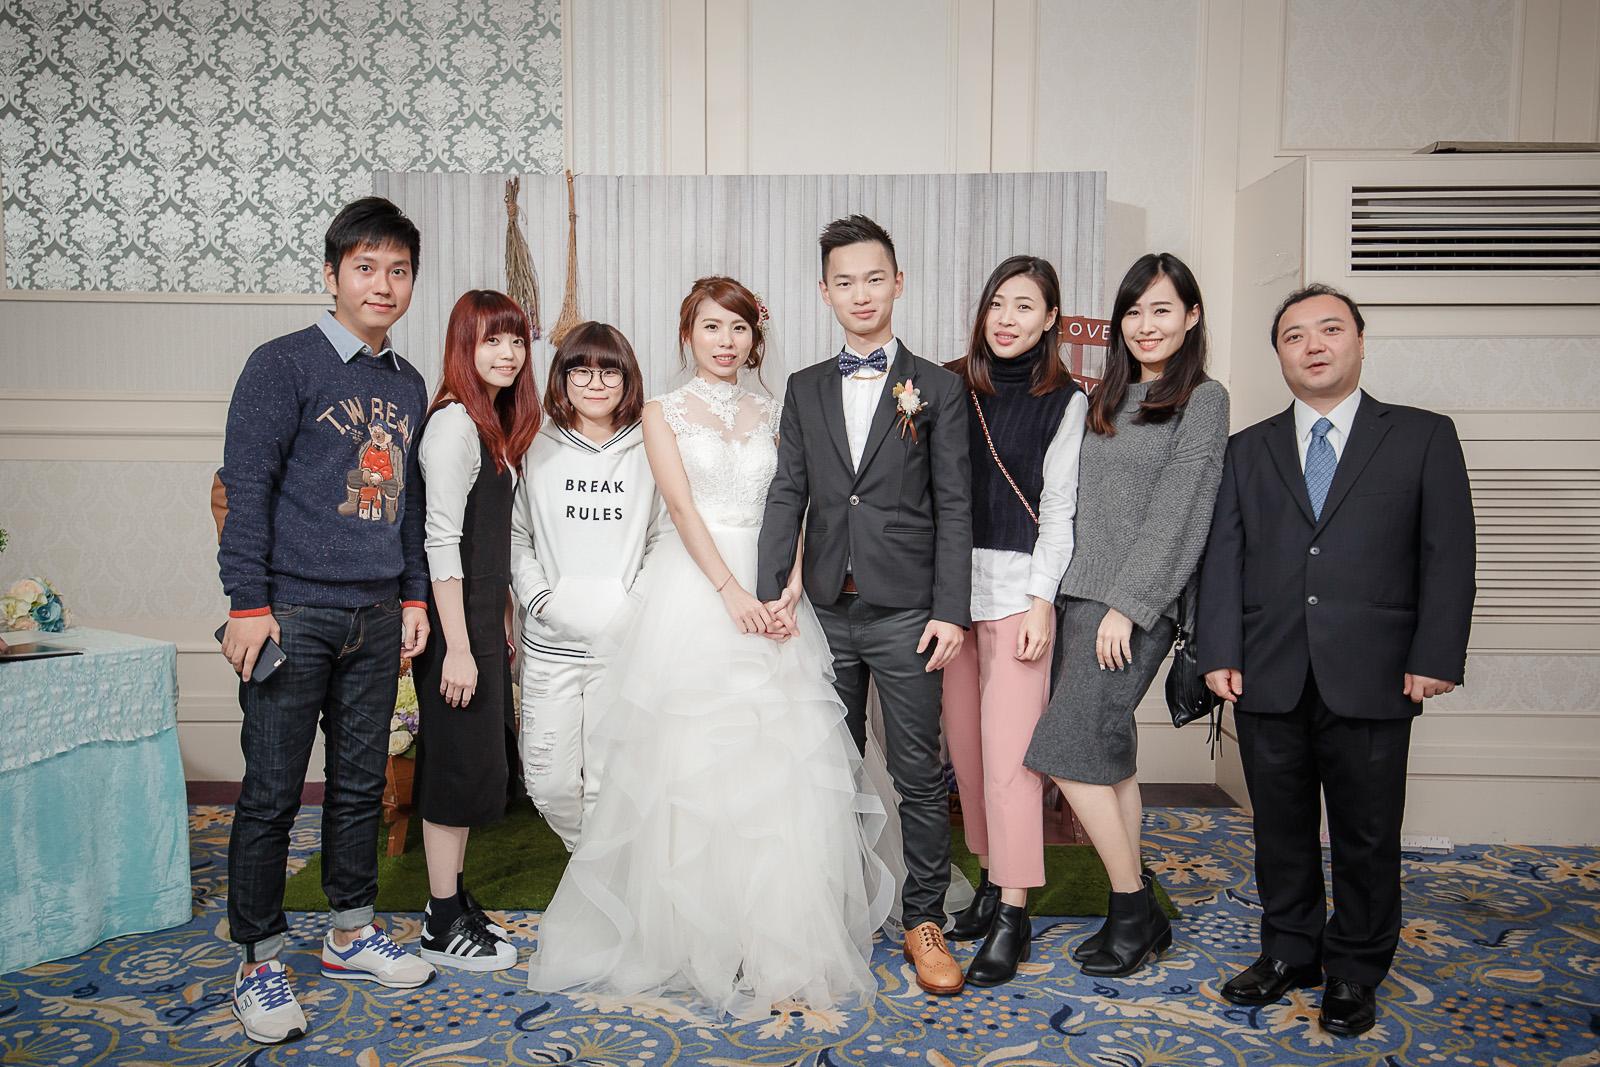 高雄圓山飯店,婚禮攝影,婚攝,高雄婚攝,優質婚攝推薦,Jen&Ethan-203